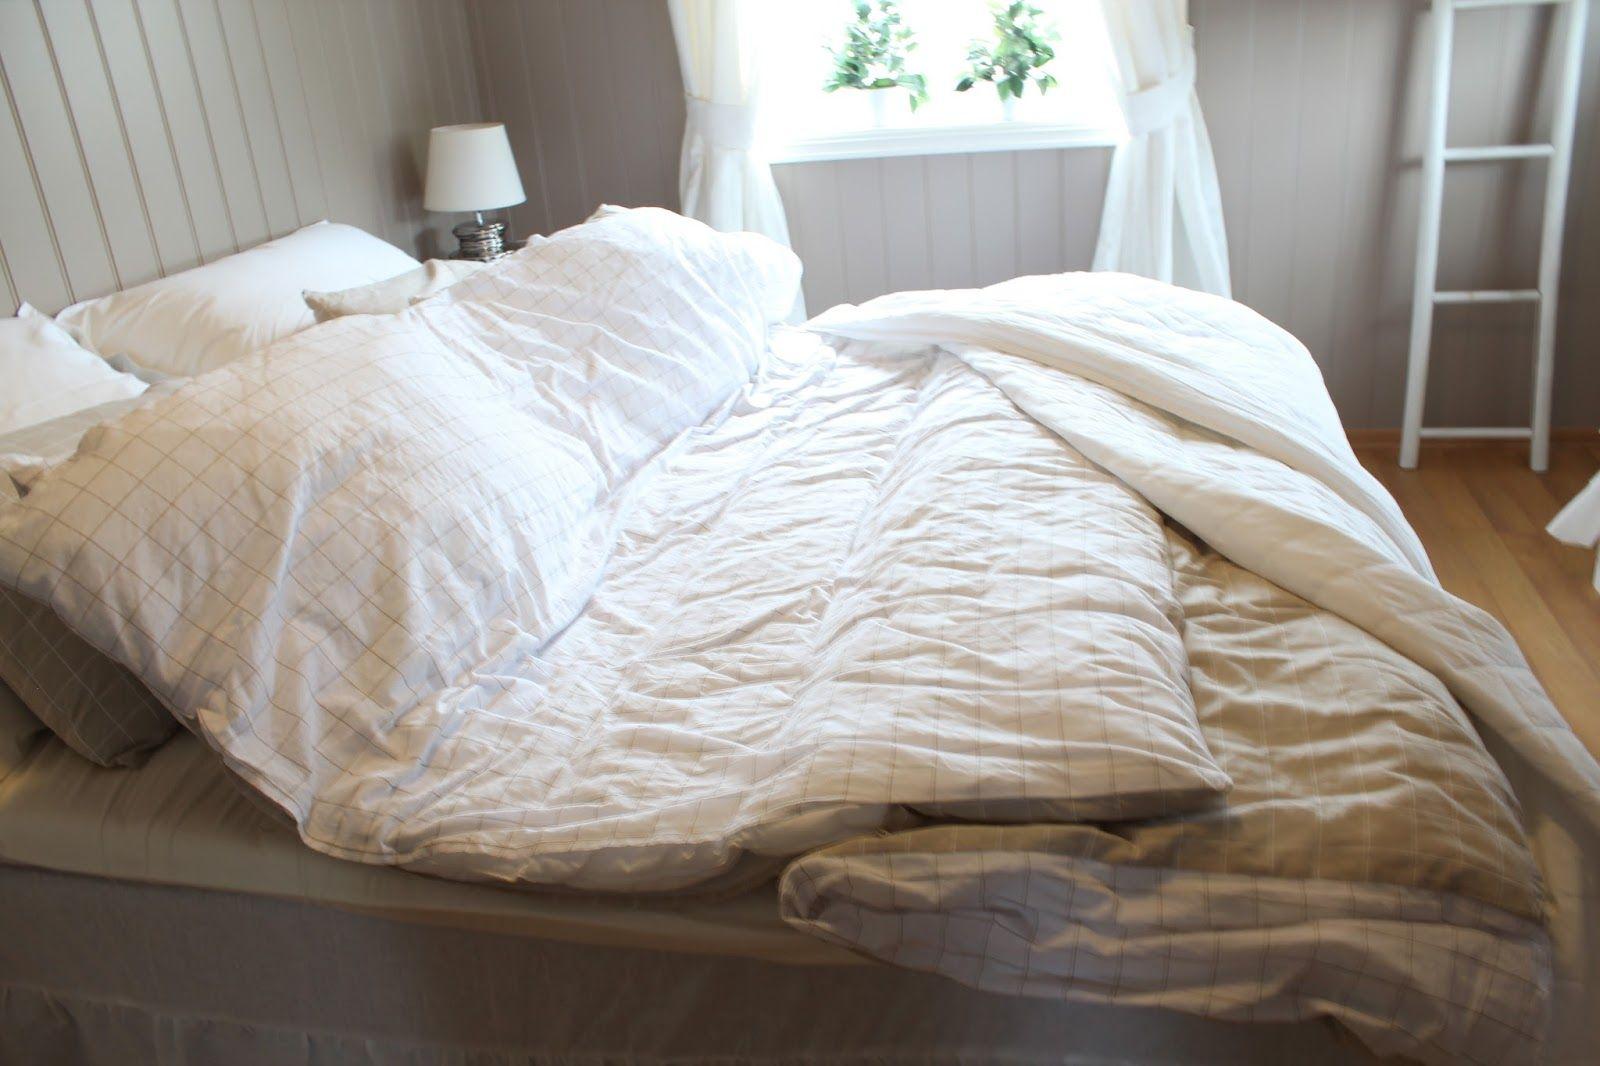 Re opp seng pent